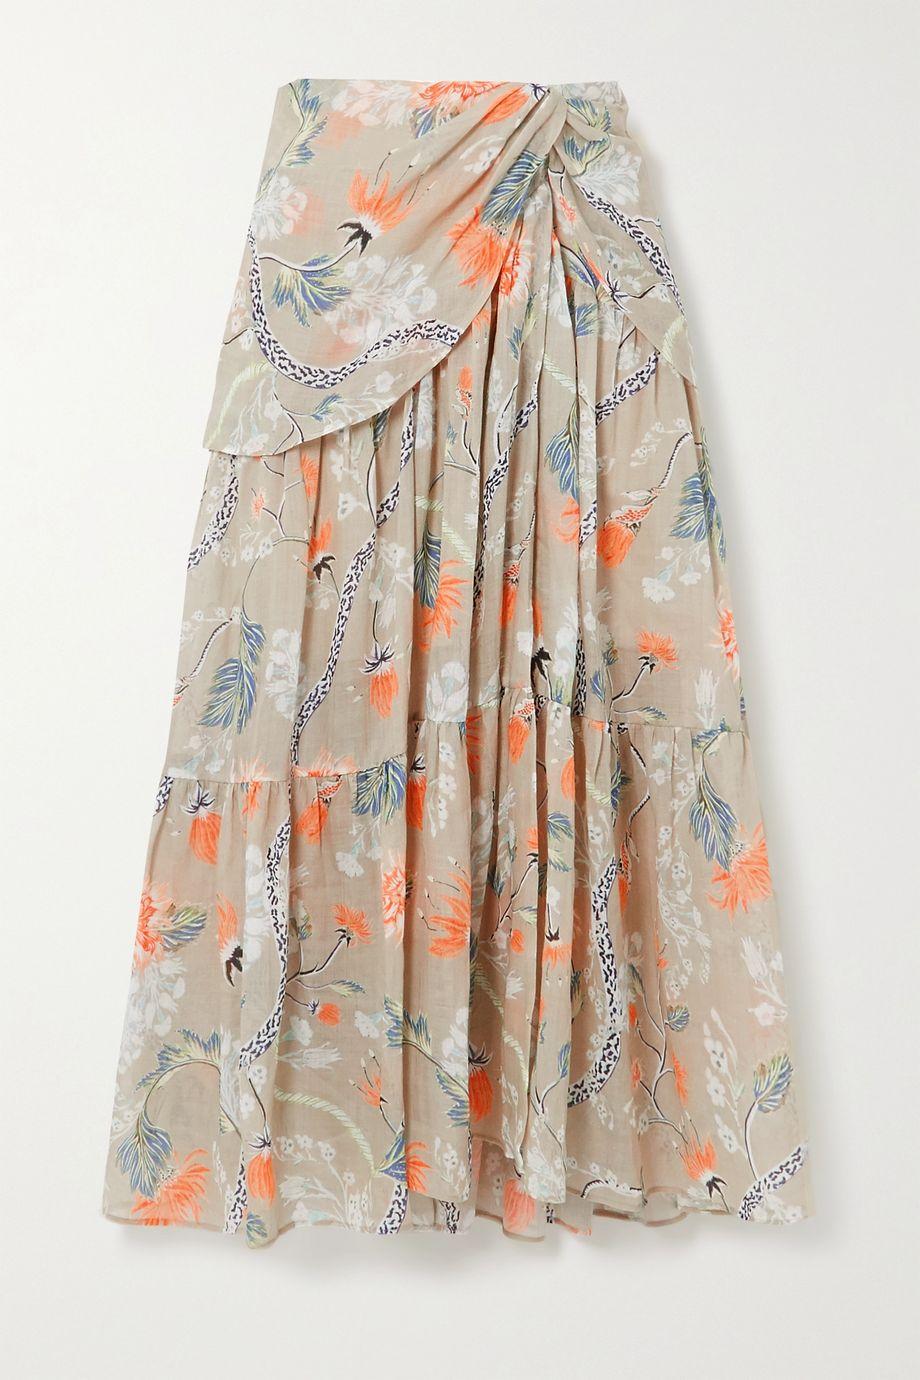 Chloé 褶饰花卉印花苎麻中长半身裙